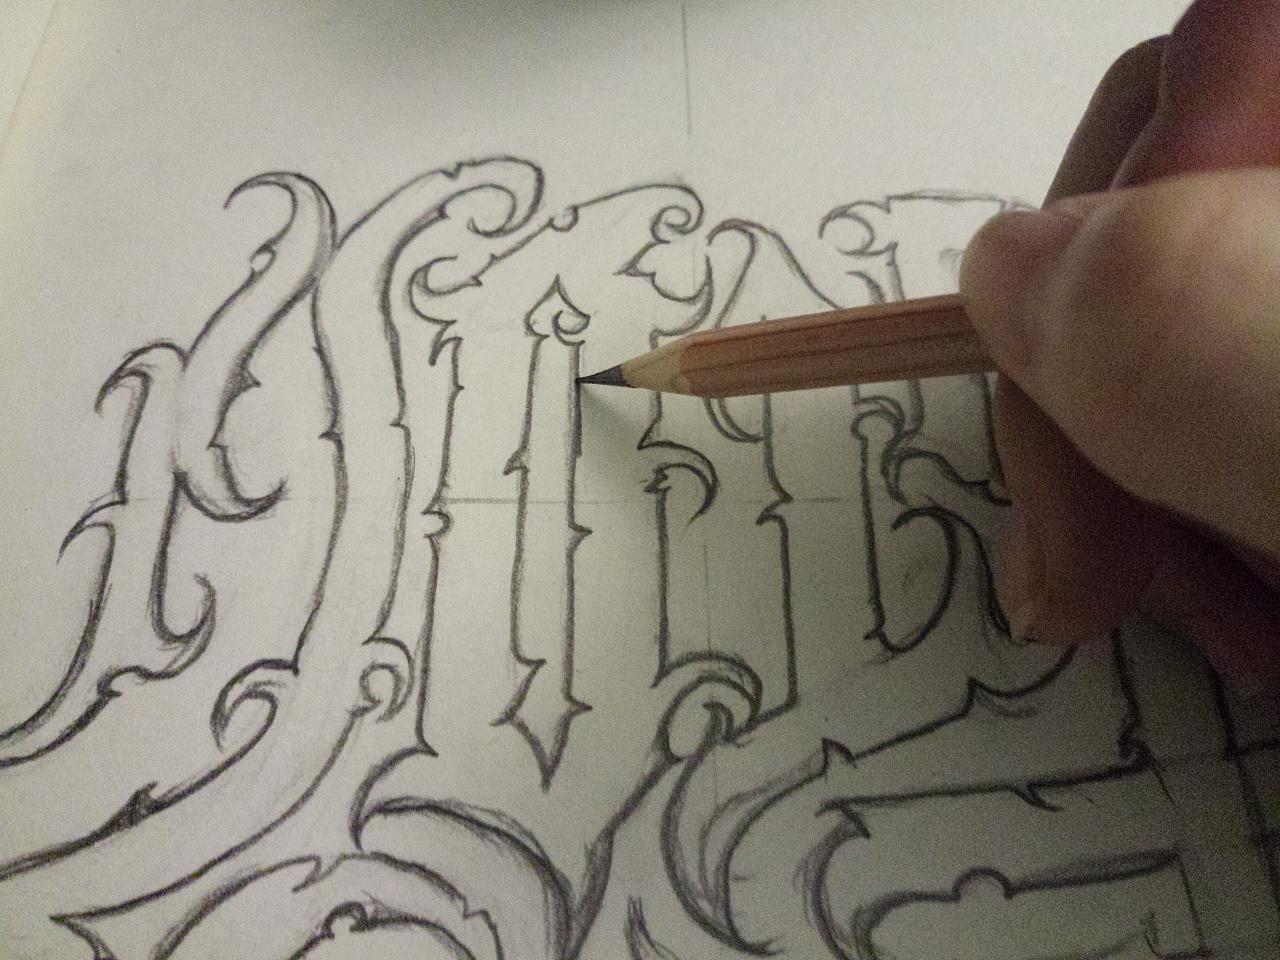 奇卡诺插画|字体|涂鸦/潮流|村口设计店设计师理财分析ui复印图片